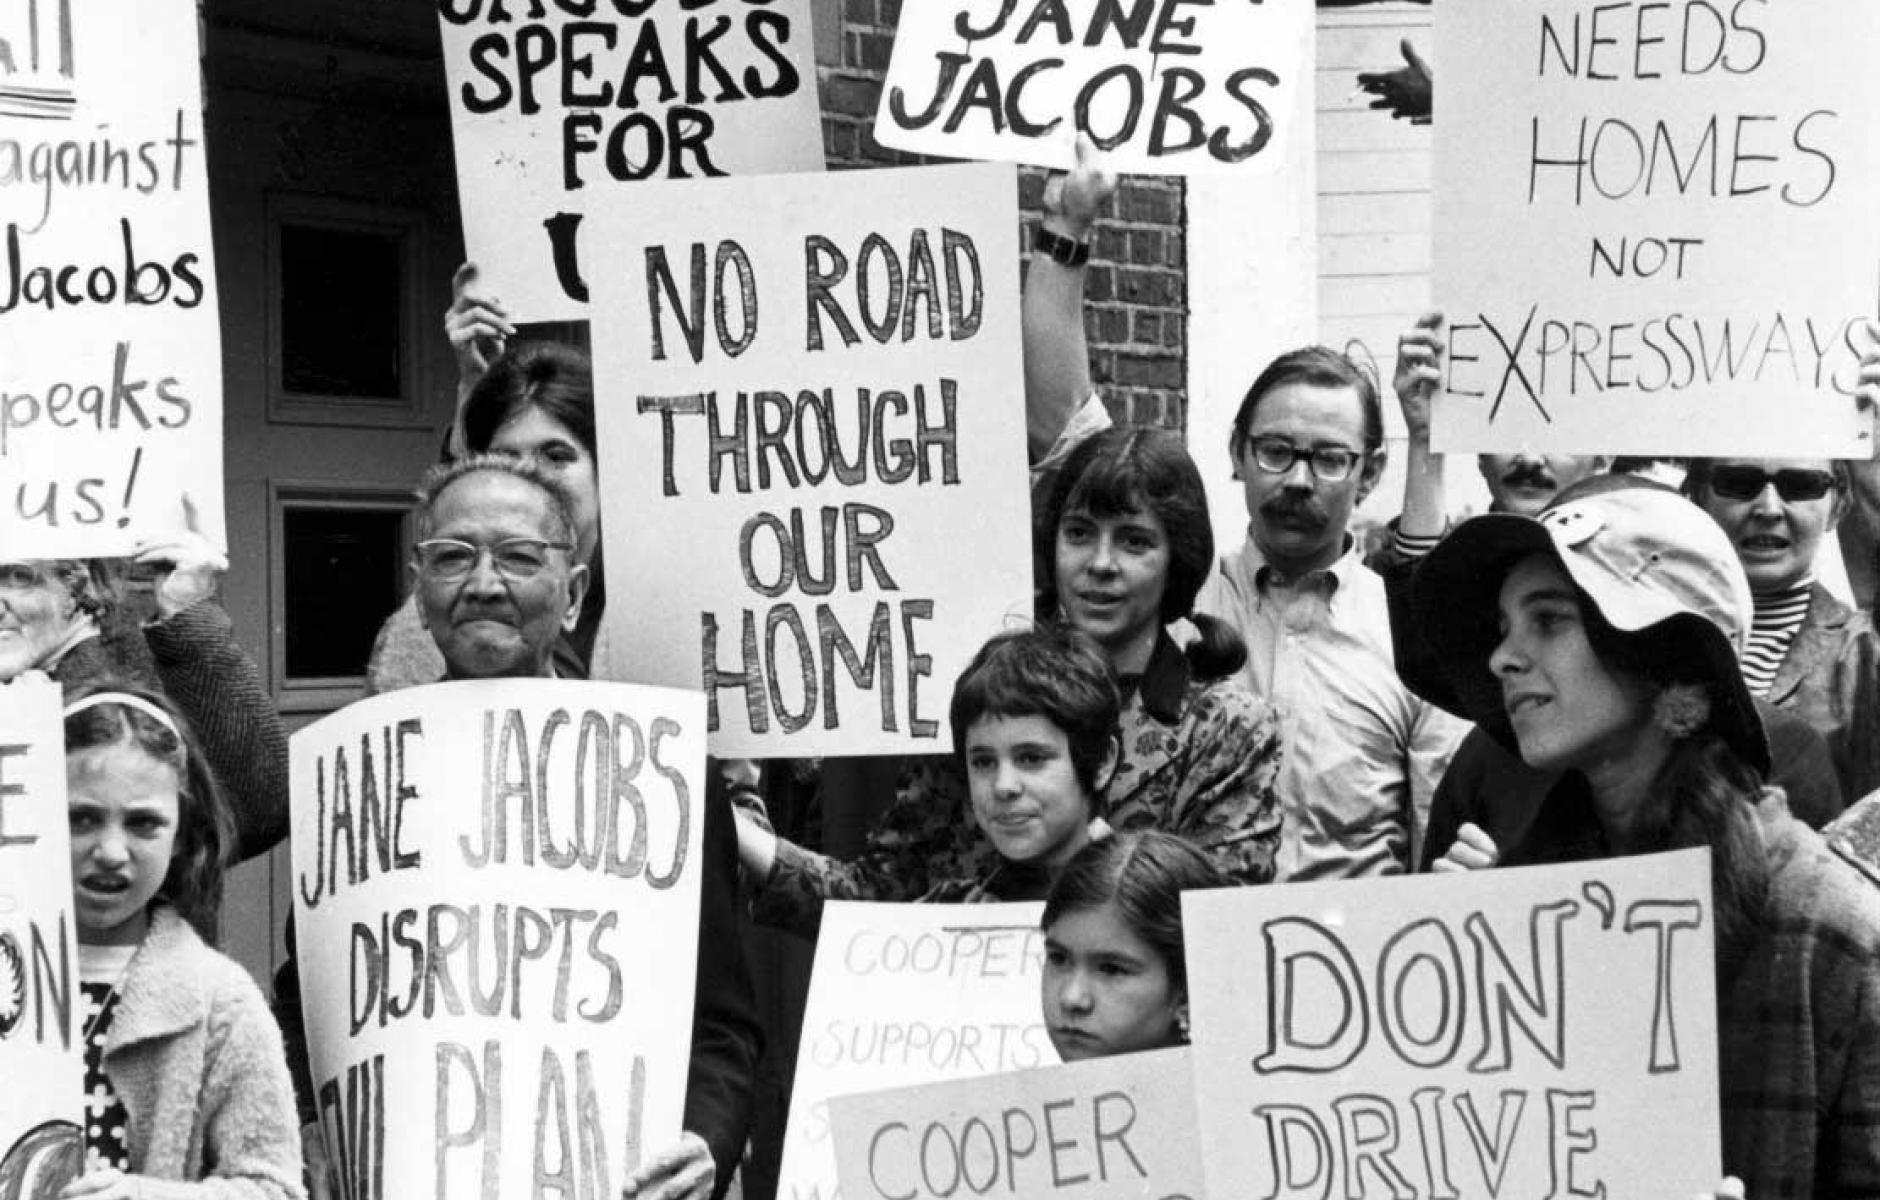 공동체를 파괴하는 고속도로 건설에 반대하는 뉴요커들